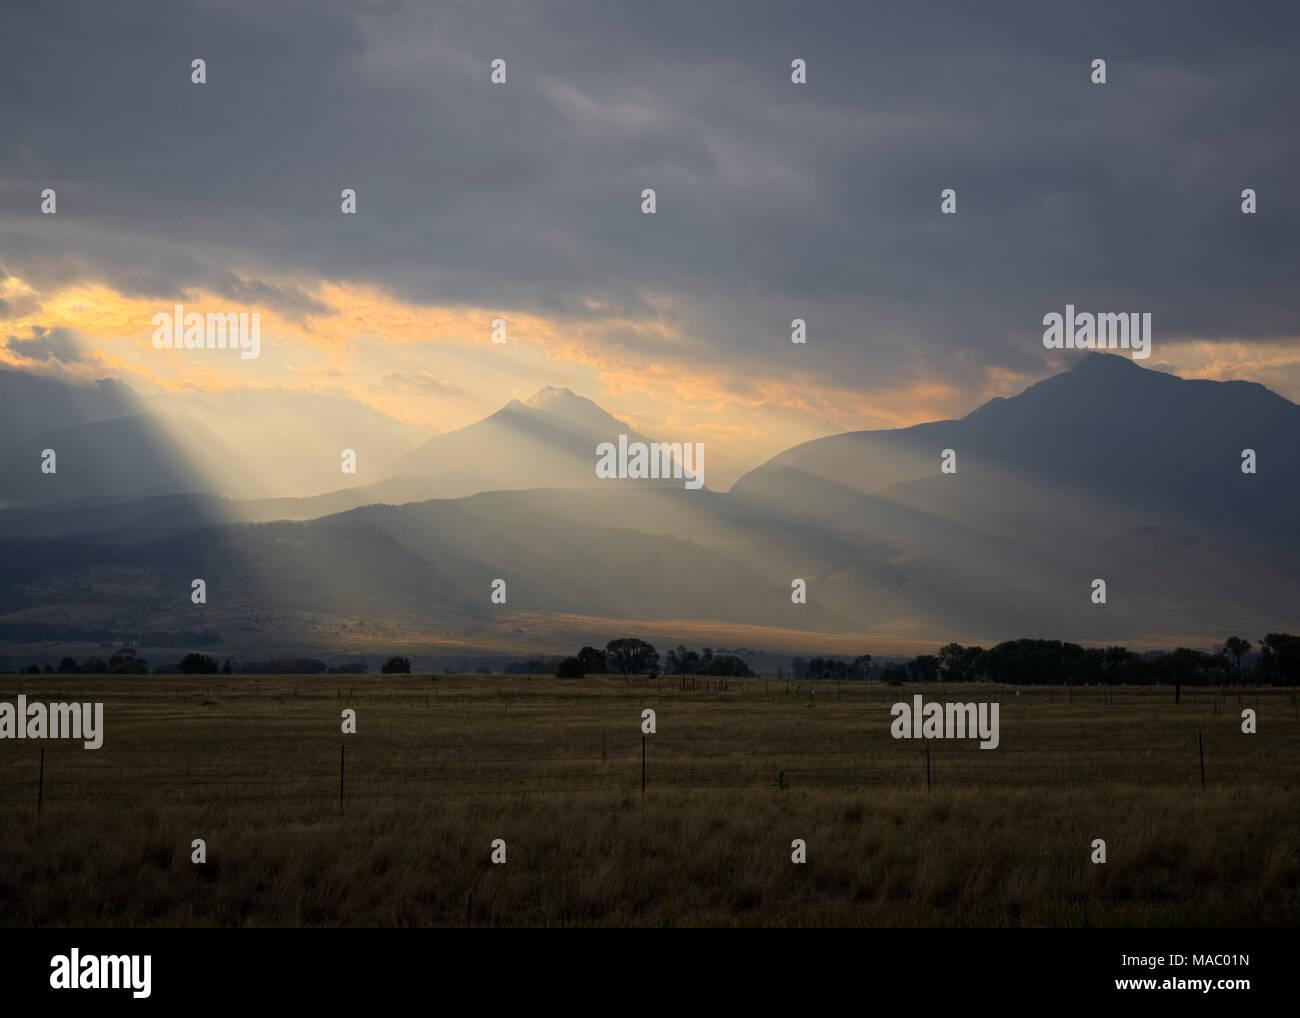 Sun Rays Through the Smoke - Stock Image